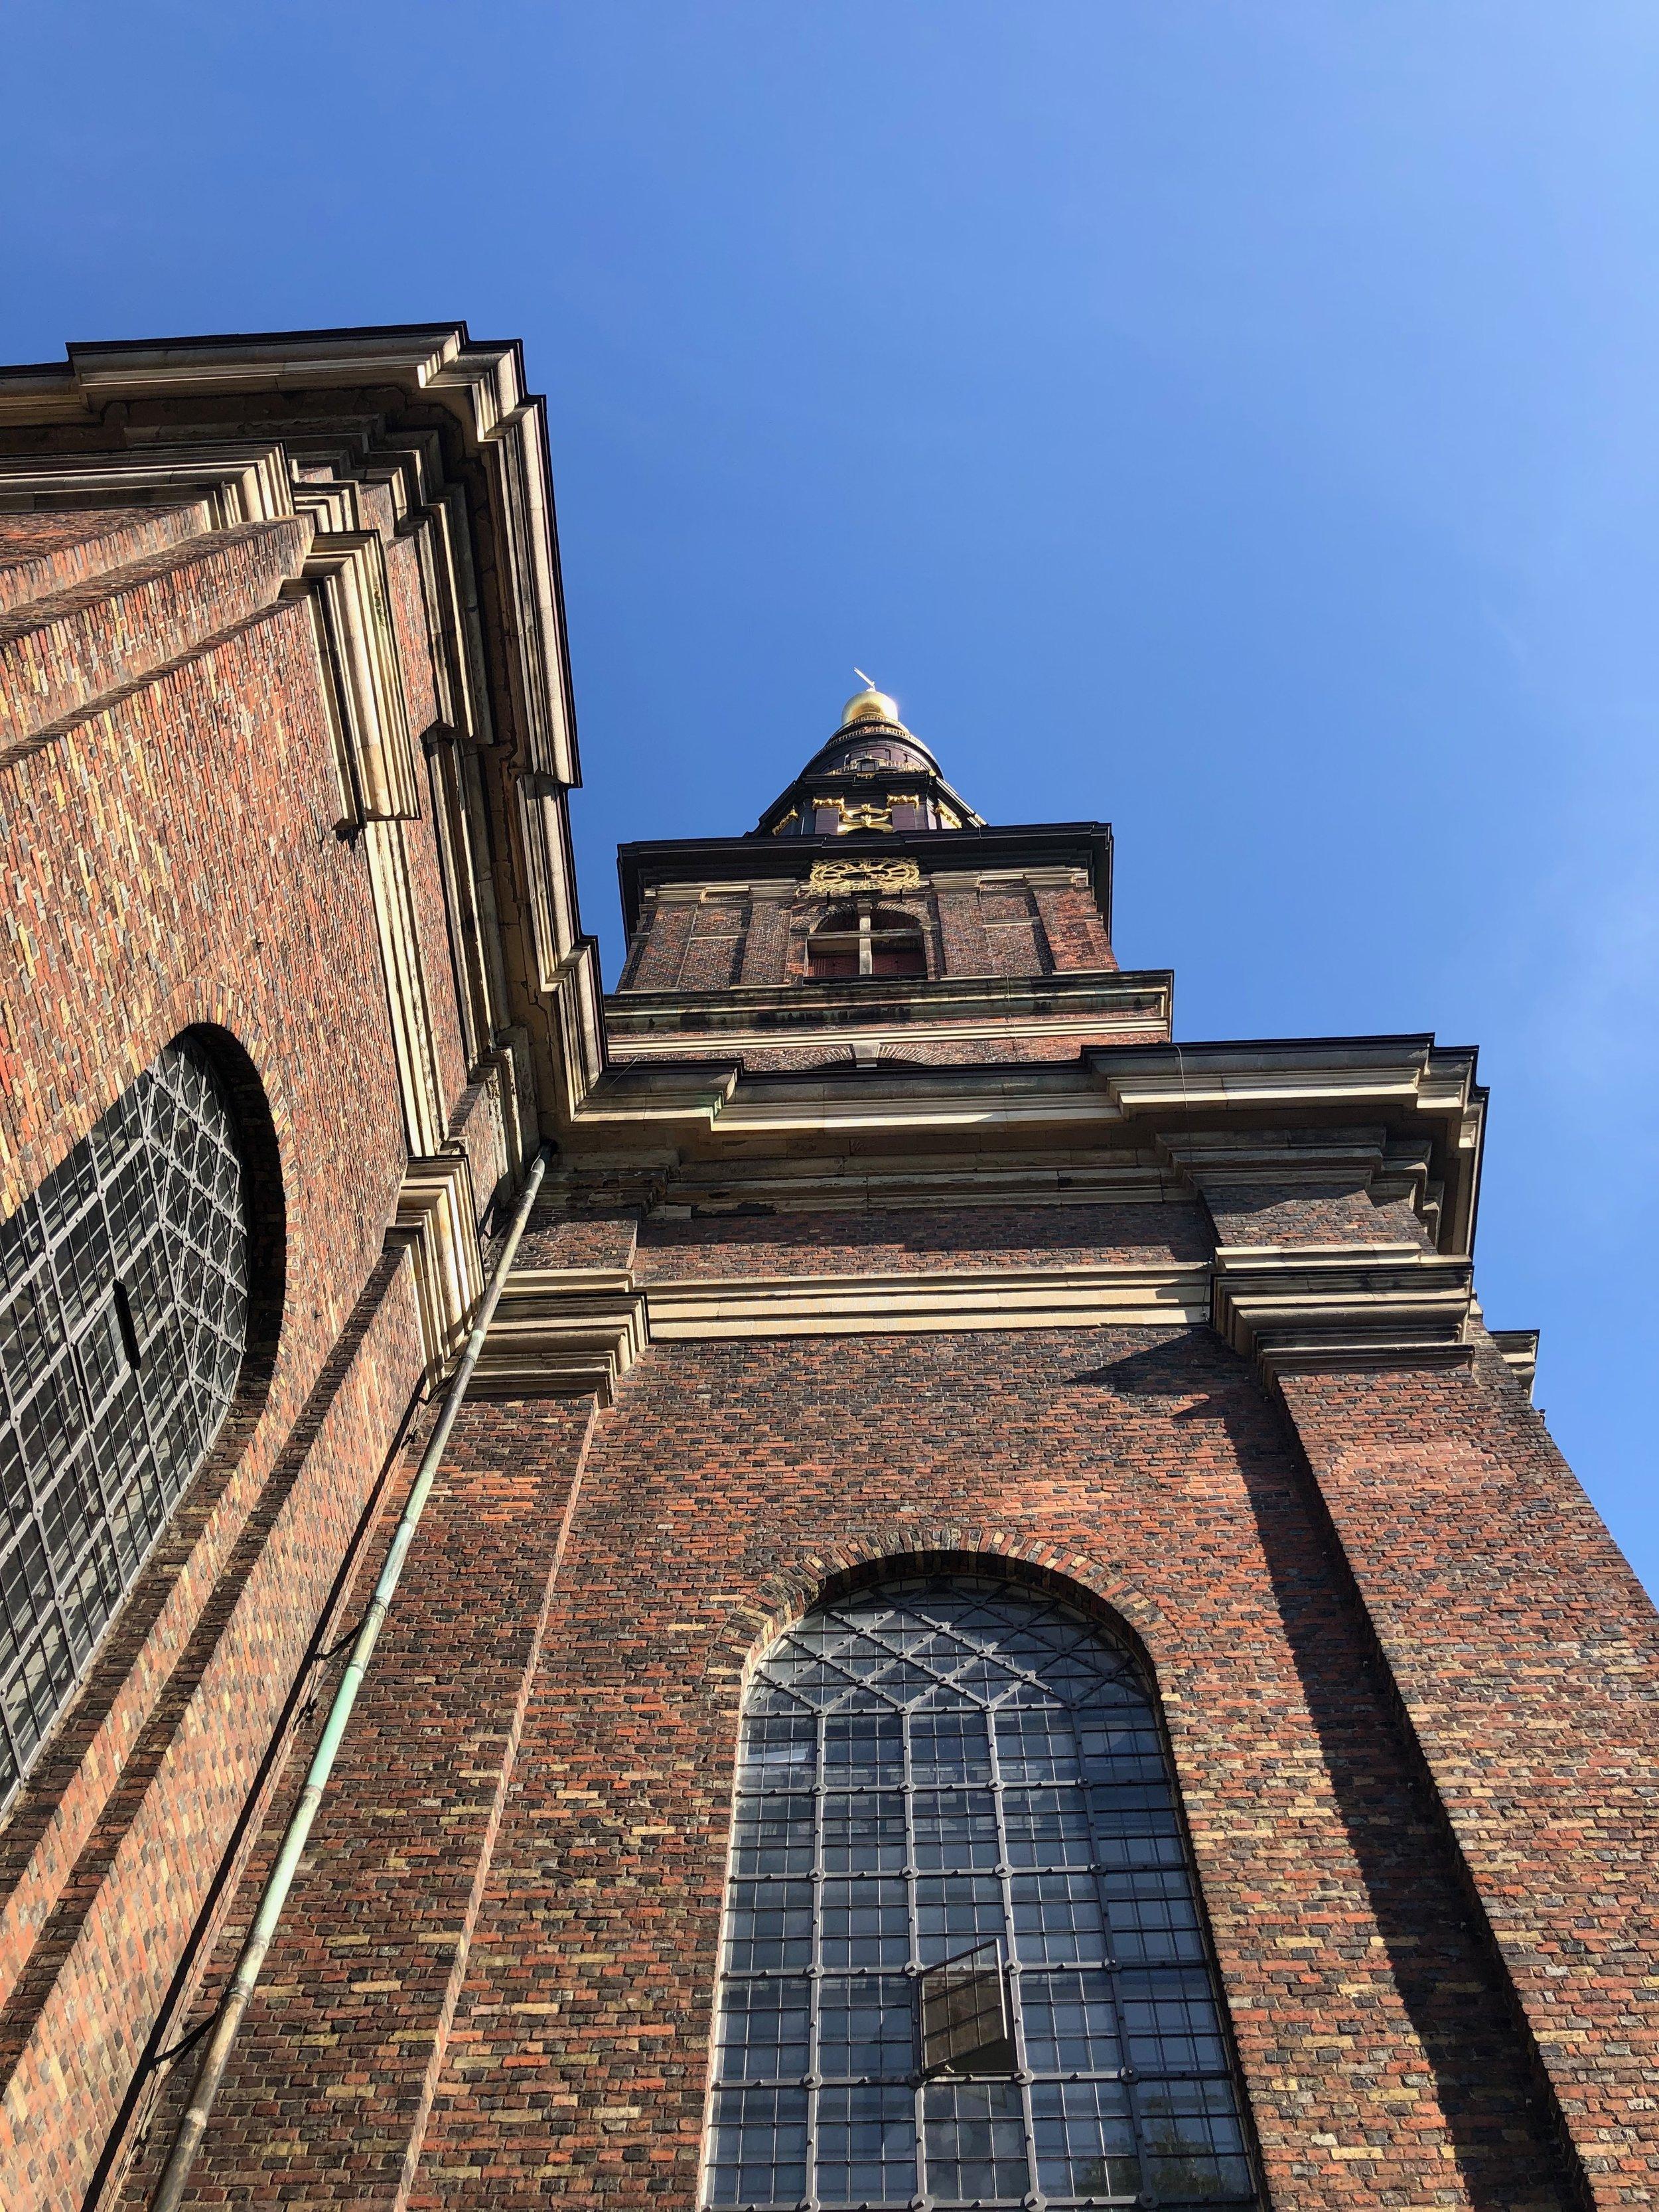 The Church our Saviour